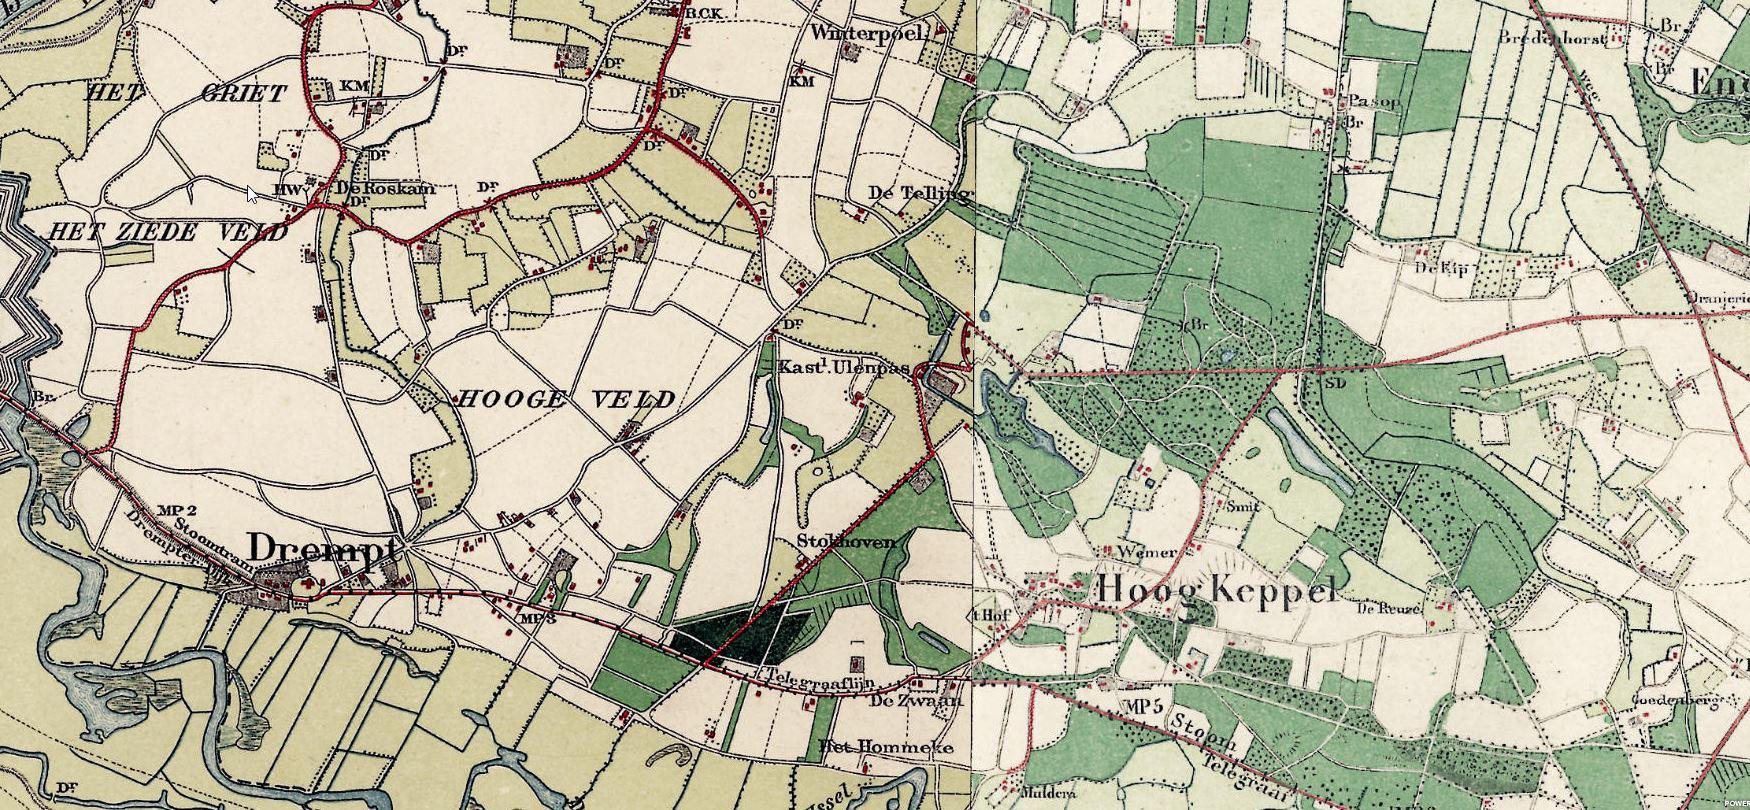 voor-drempt-1900